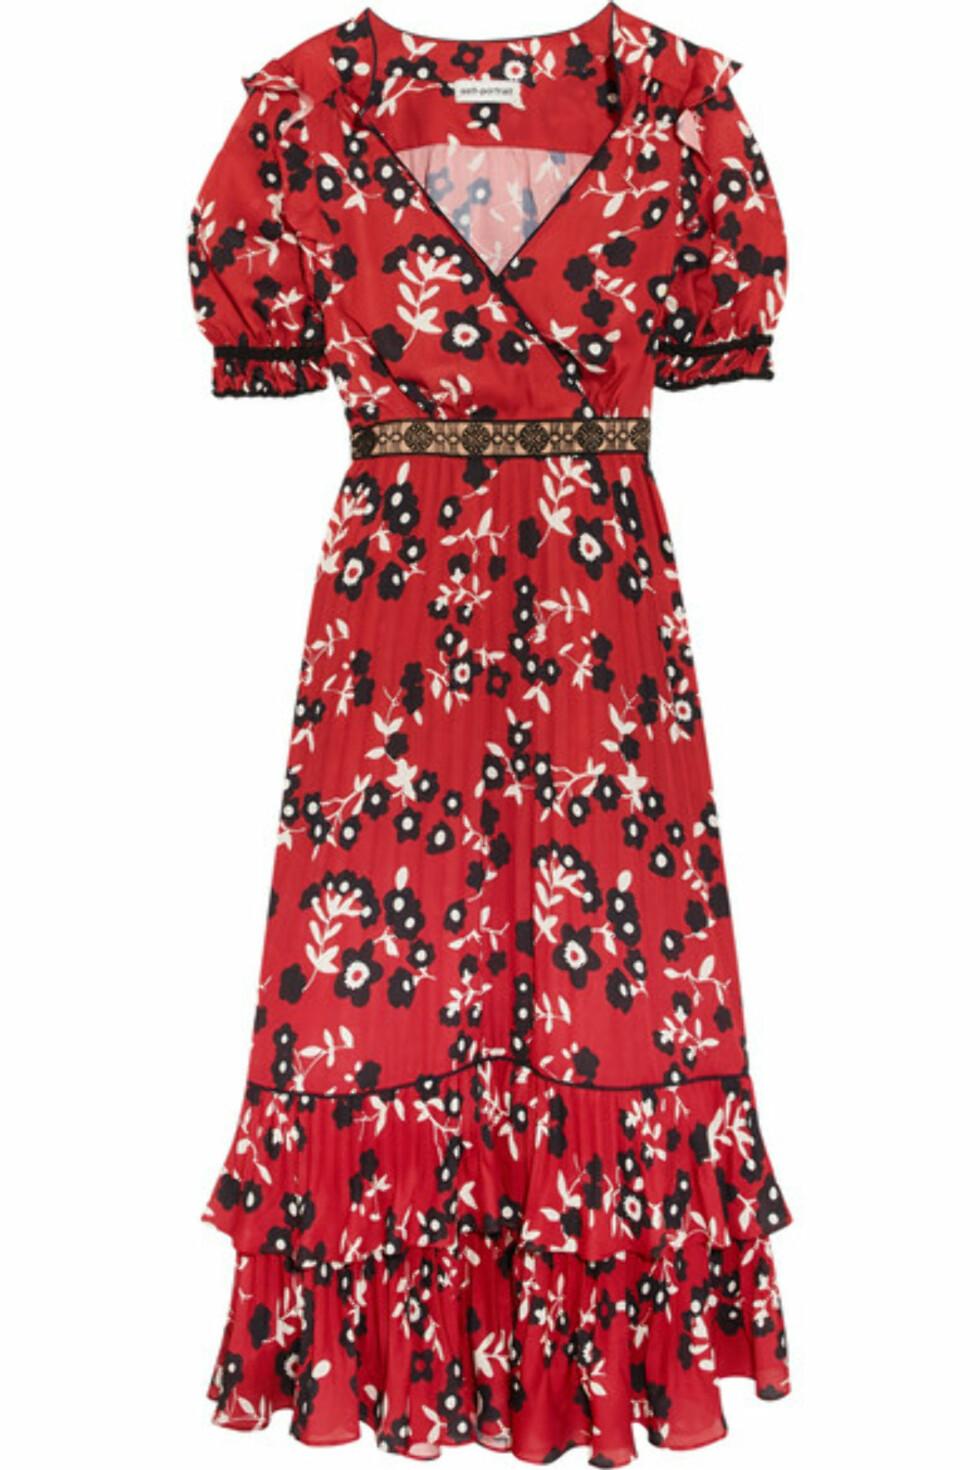 Kjole fra Self-Portrait |3654,-| https://www.net-a-porter.com/no/en/product/995675/self_portrait/guipure-lace-trimmed-floral-print-crepe-de-chine-dress